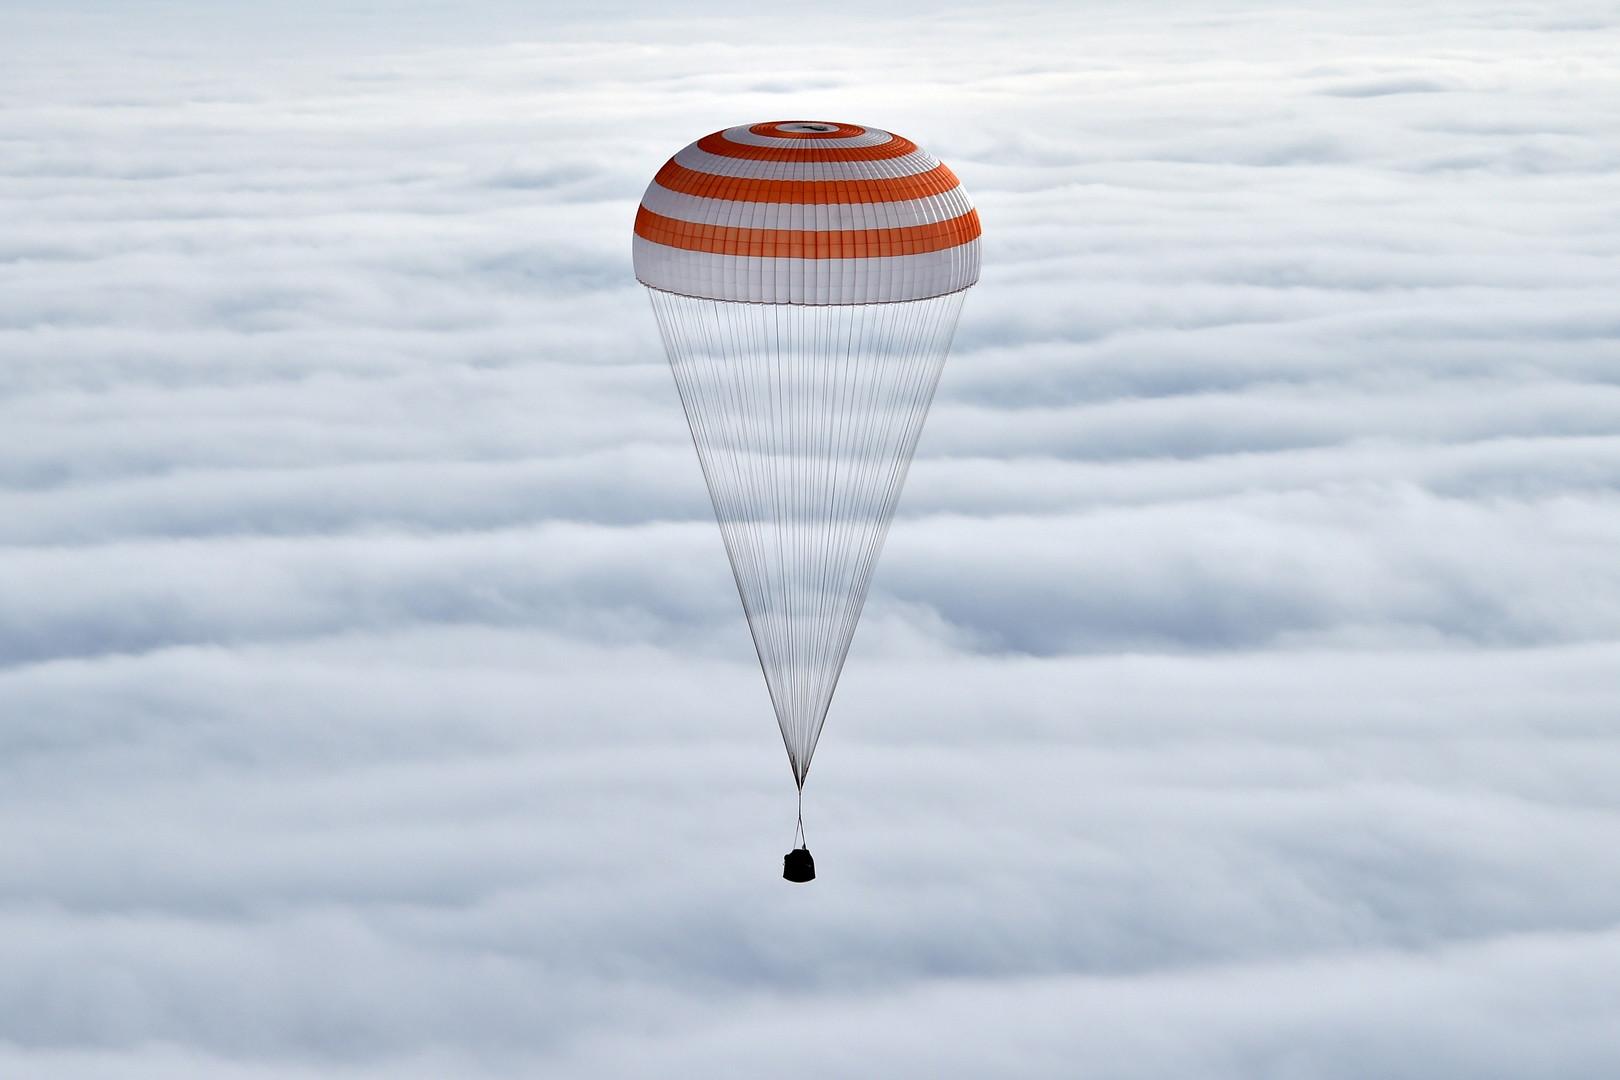 Die russische Sojus TMA - 18 M-Raumsonde mit Insassen über den Wolken.